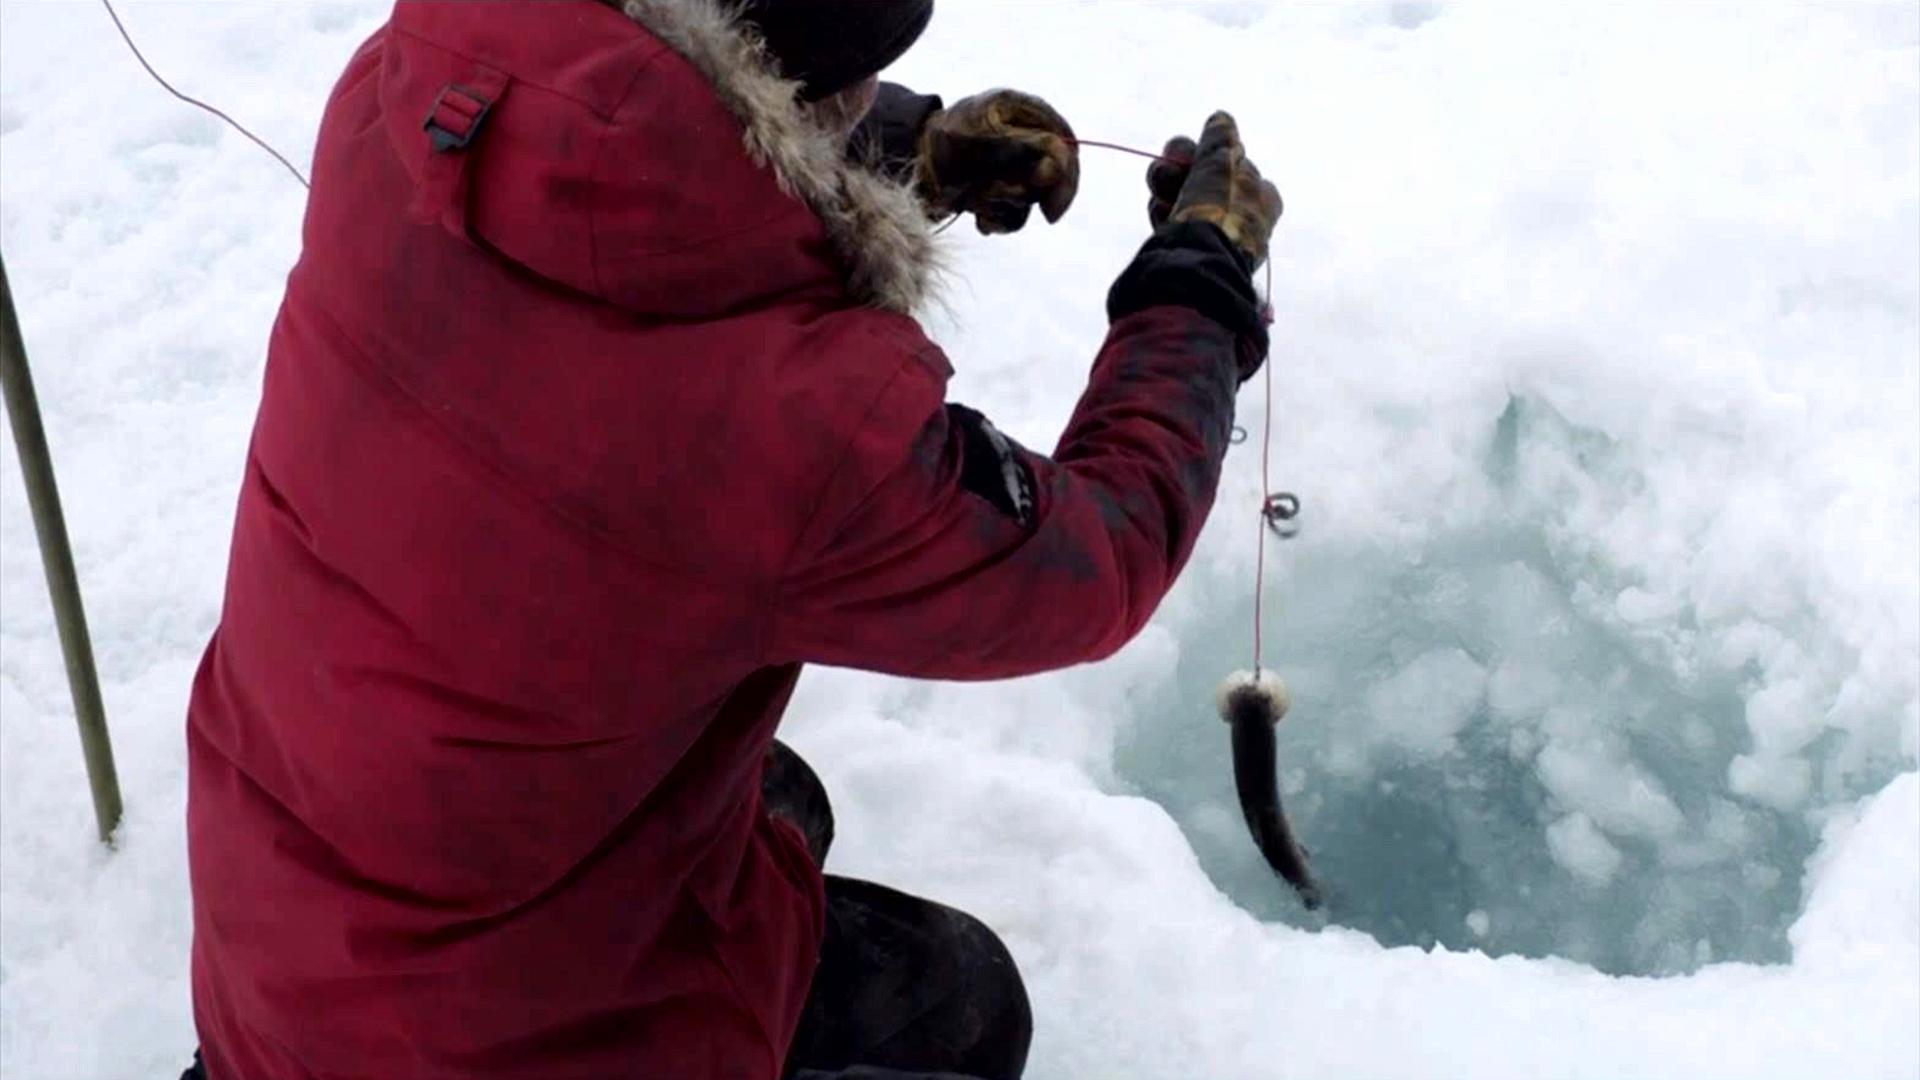 大叔被困北极无人区,没办法点火,钓的三文鱼只能生吃,冒险片